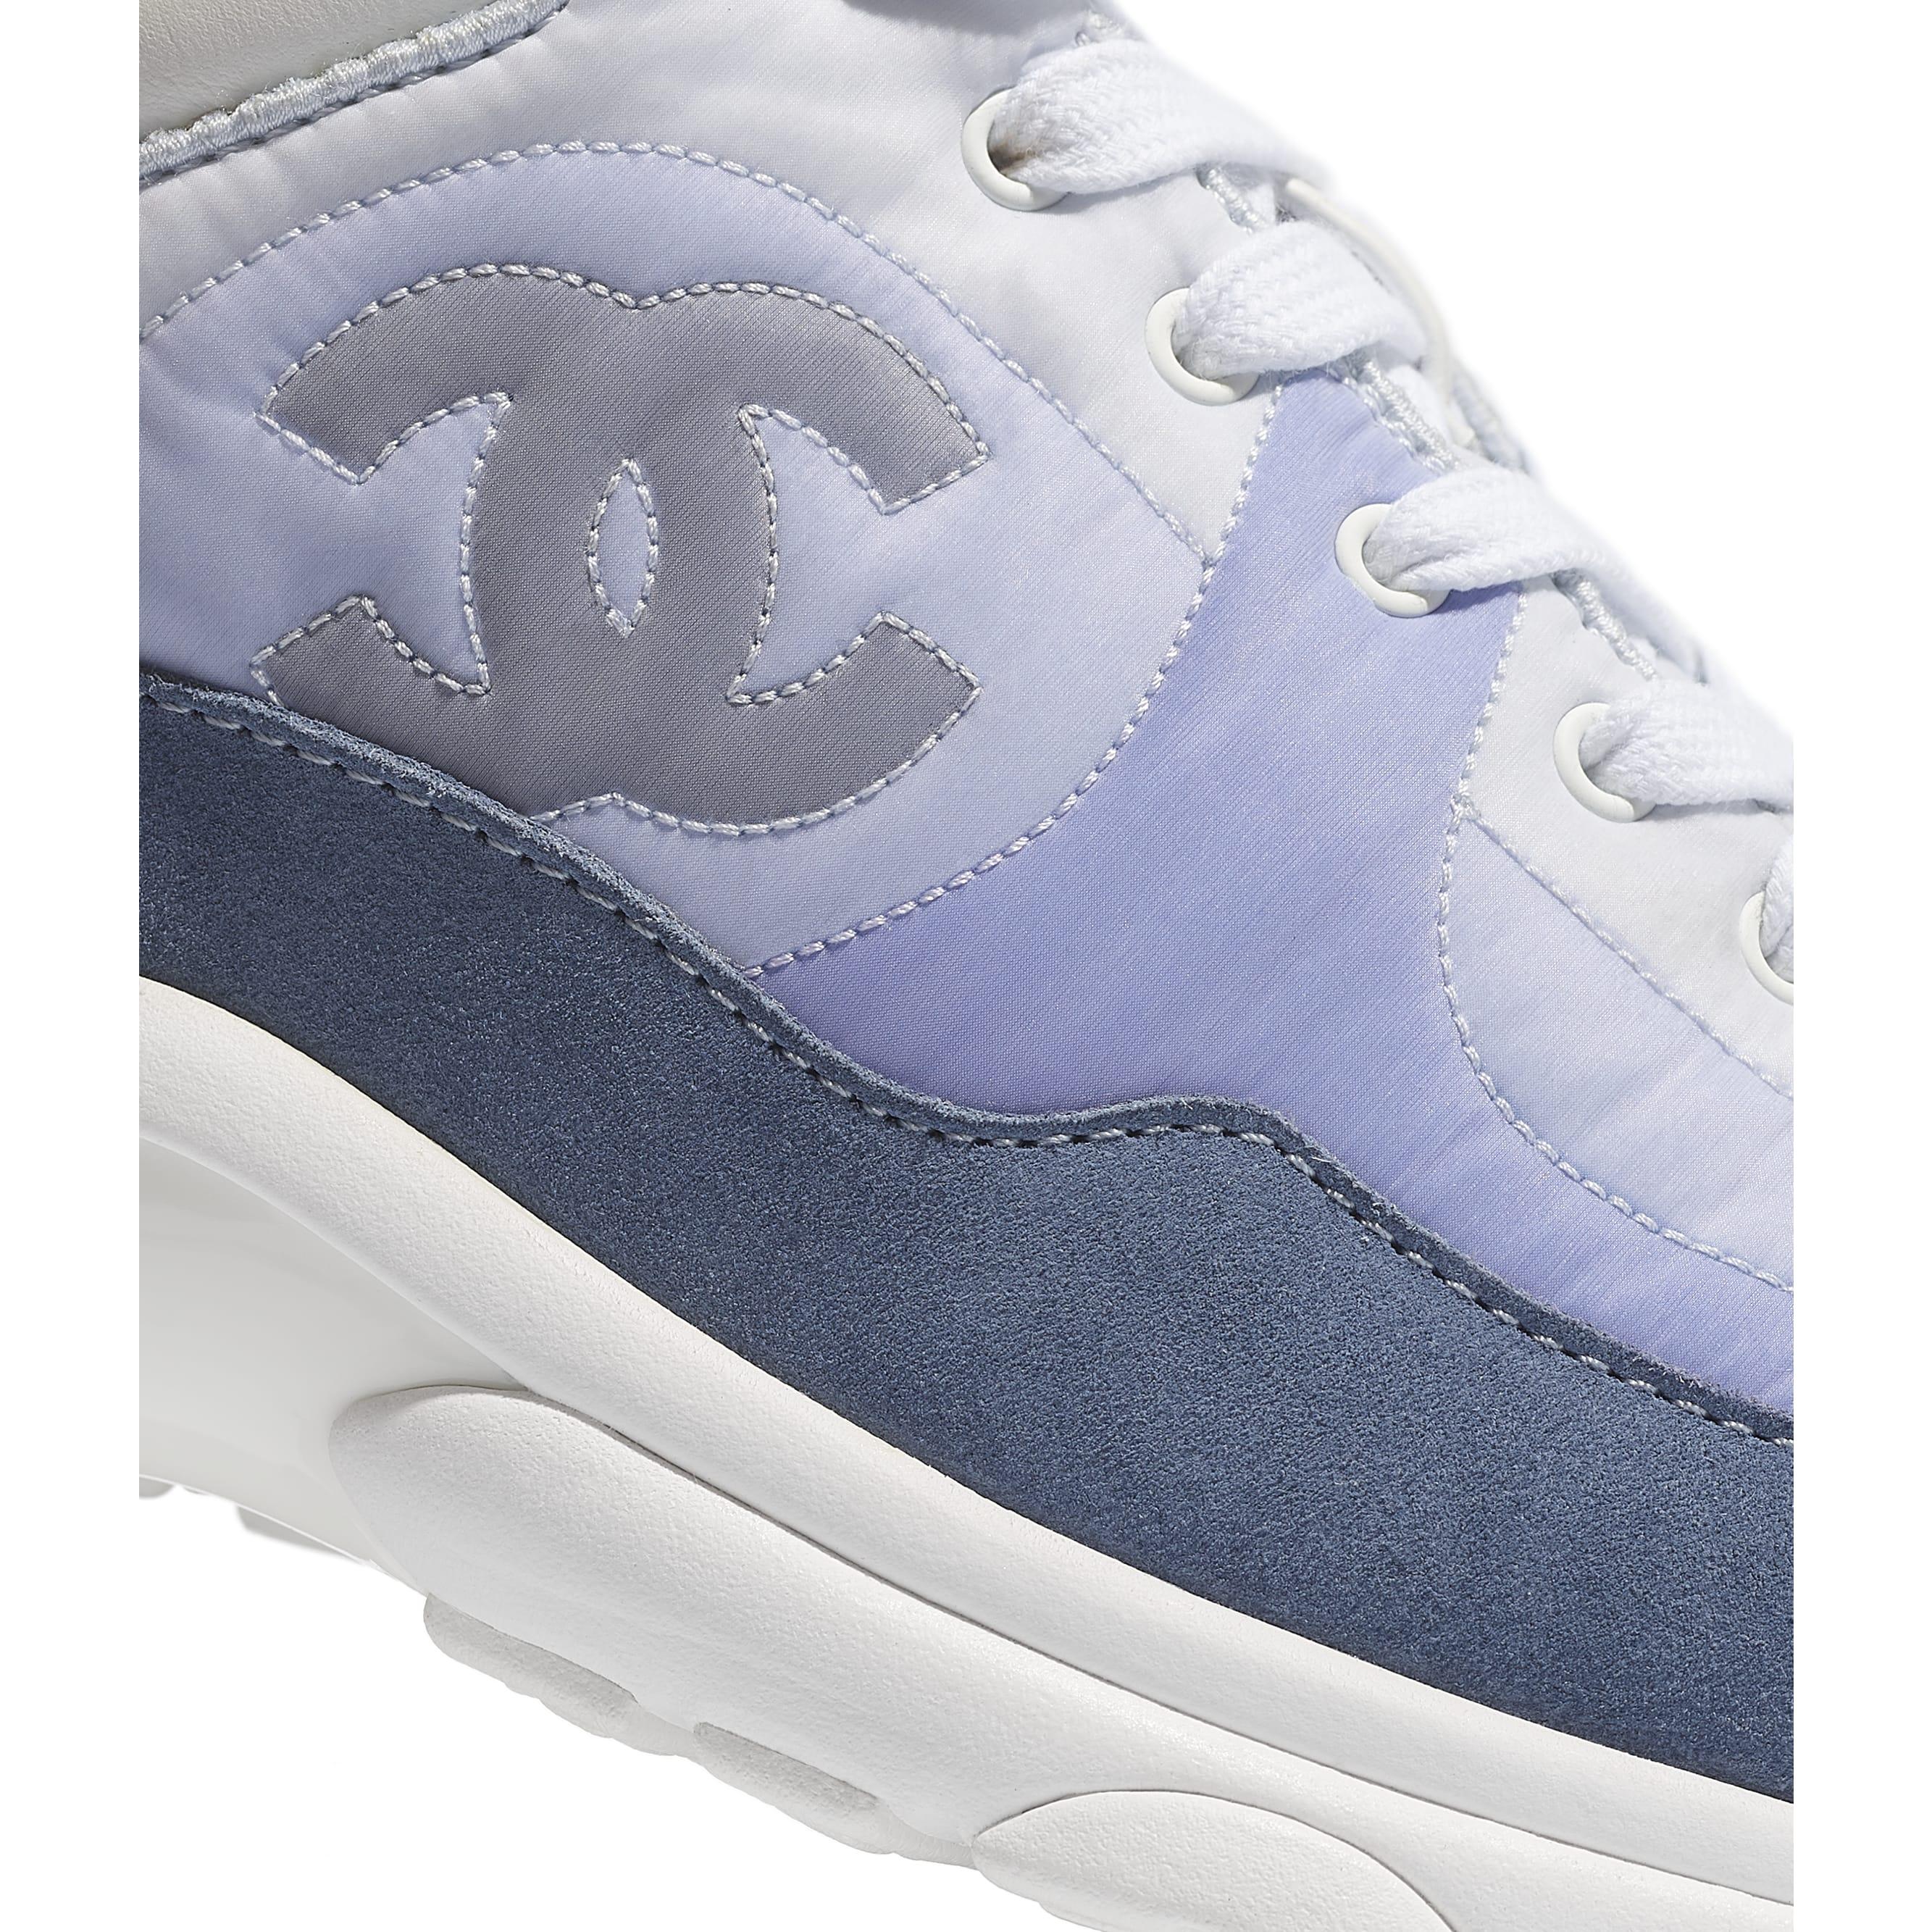 รองเท้ากีฬา - สีฟ้าอ่อน - หนังลูกวัวชนิดหนังกลับและไนลอน - CHANEL - มุมมองพิเศษ - ดูเวอร์ชันขนาดมาตรฐาน